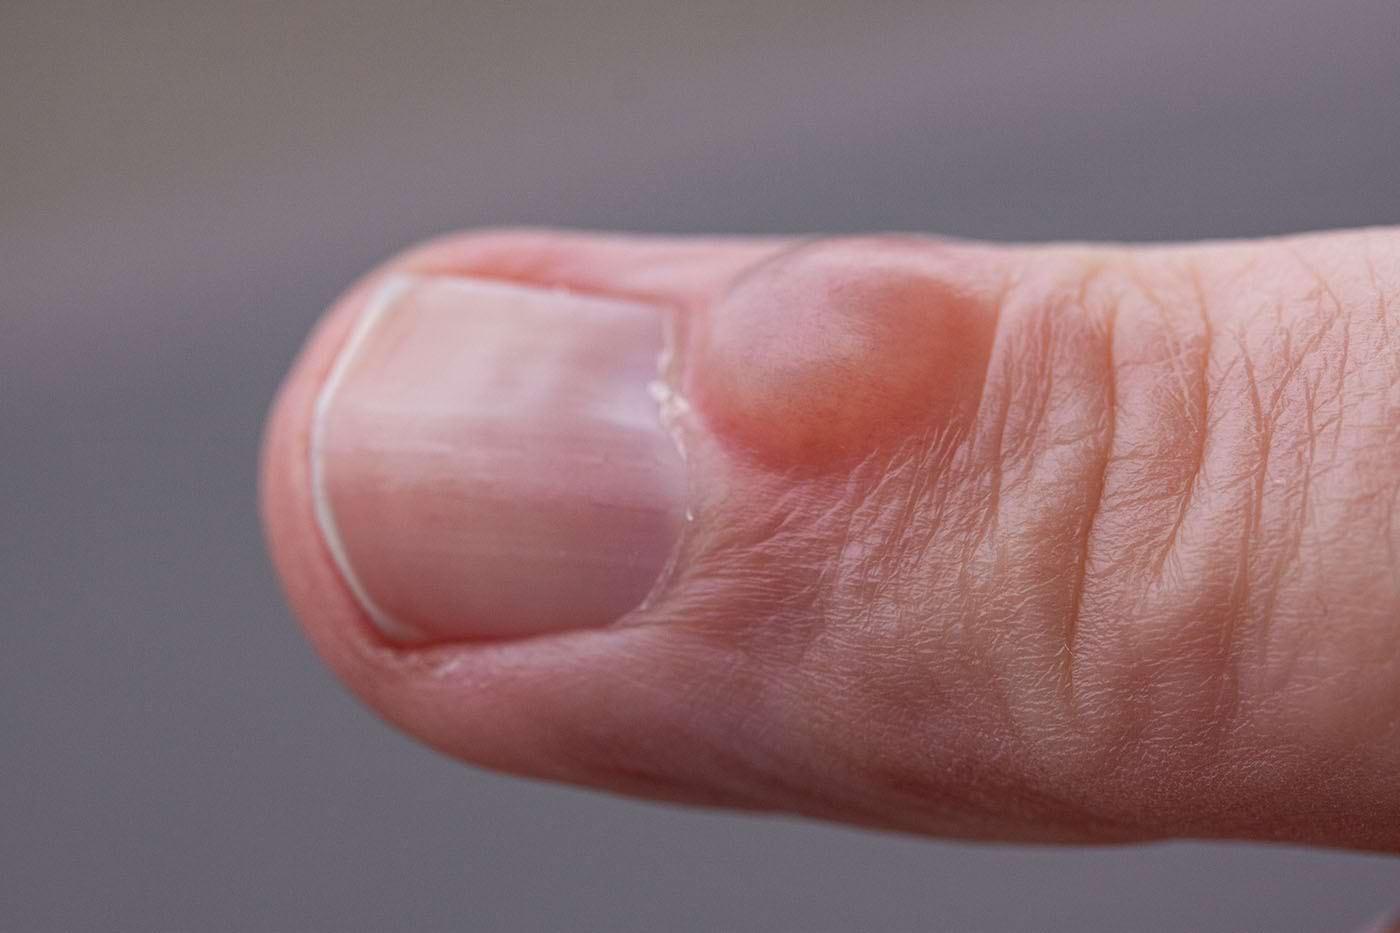 recuperare chist sinovial articulațiile degetelor artrita reumatoidă